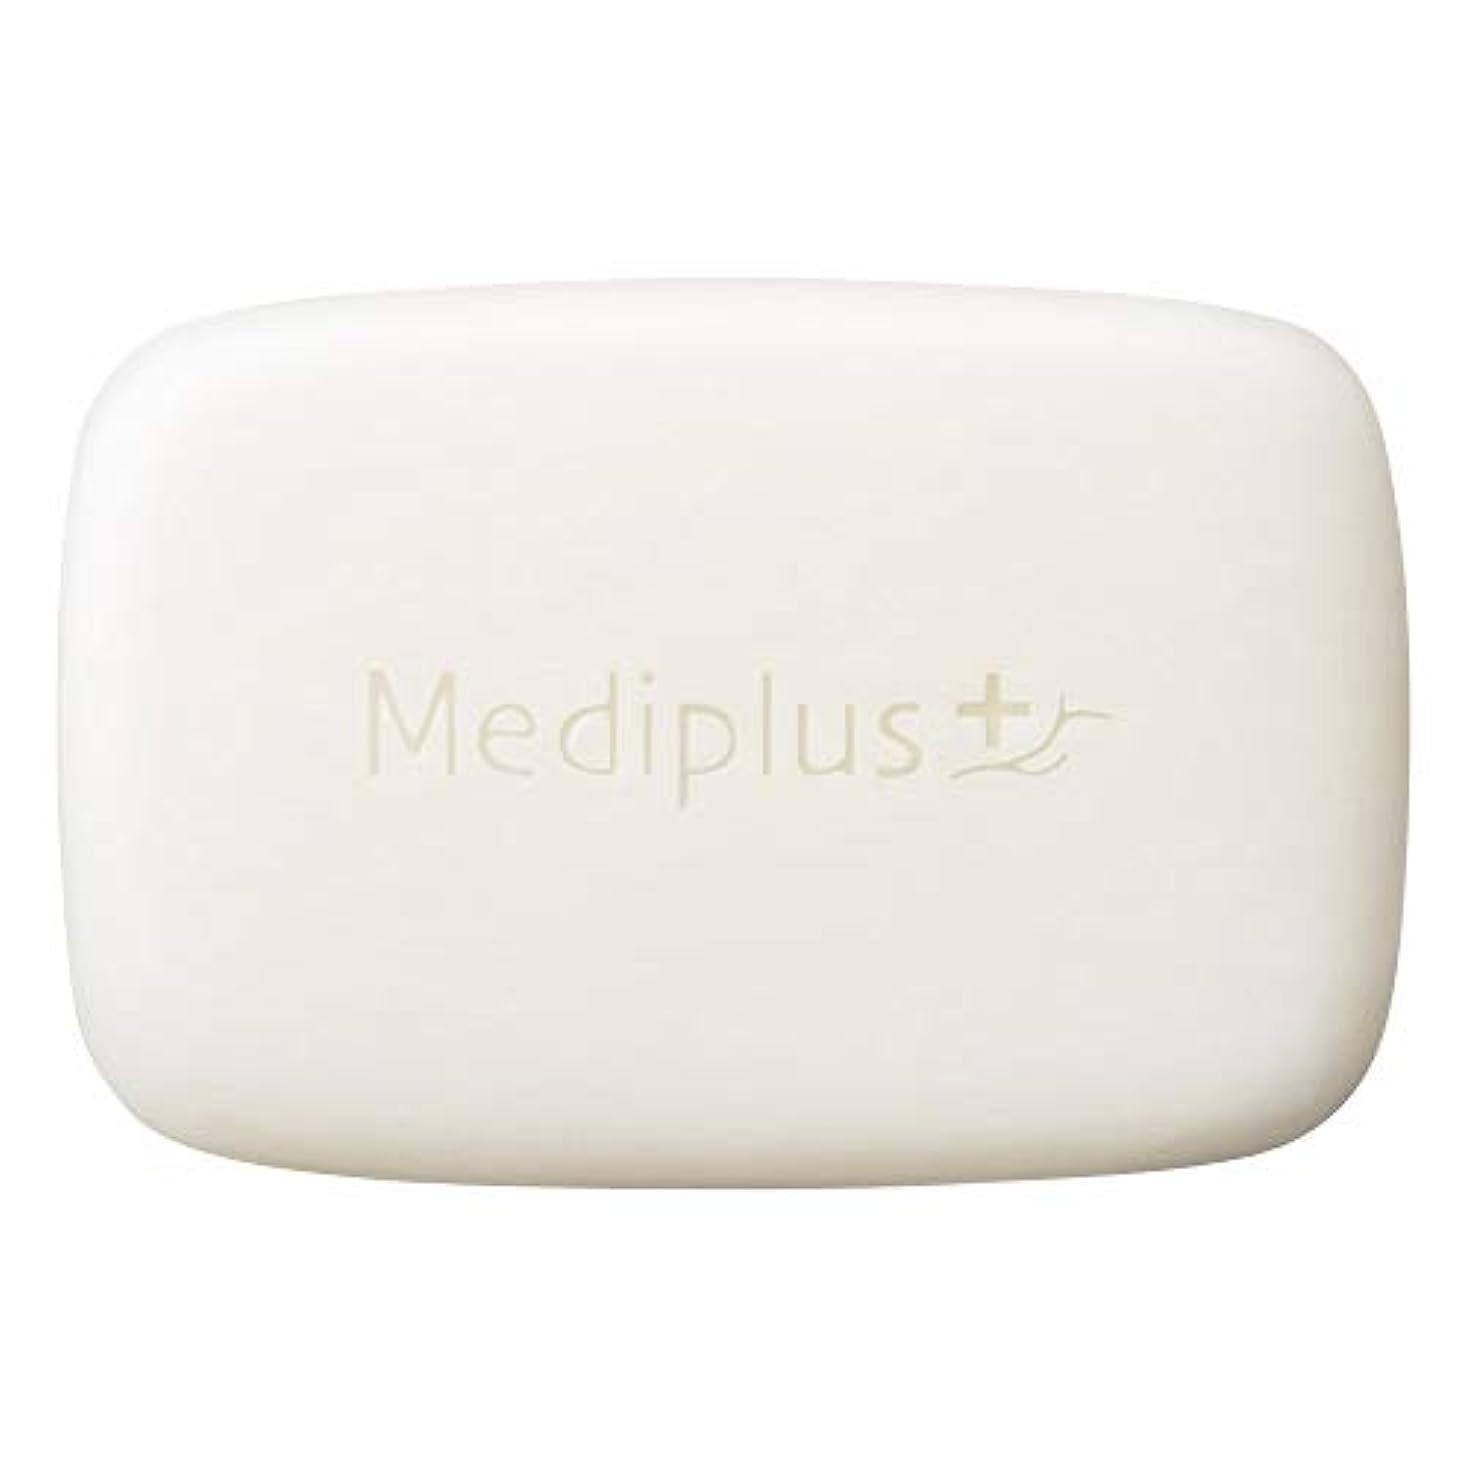 特殊奨励四半期mediplus メディプラス オイルクリームソープ 60g(約2か月分)